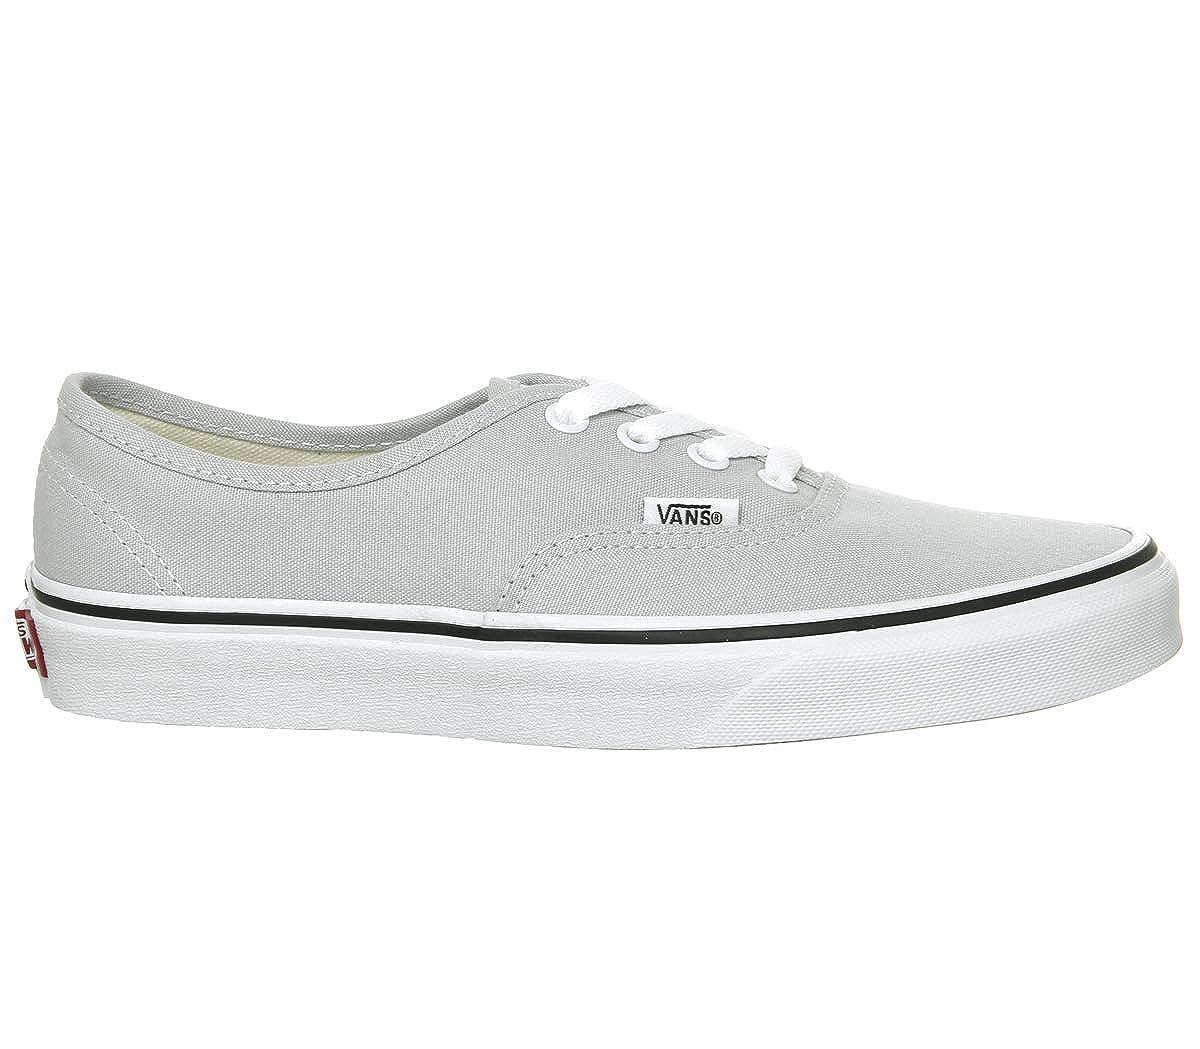 Vans Authentic, scarpe da ginnastica a Collo Basso Unisex – Adulto grigio Dawn True bianca | Distinctive  | Scolaro/Ragazze Scarpa